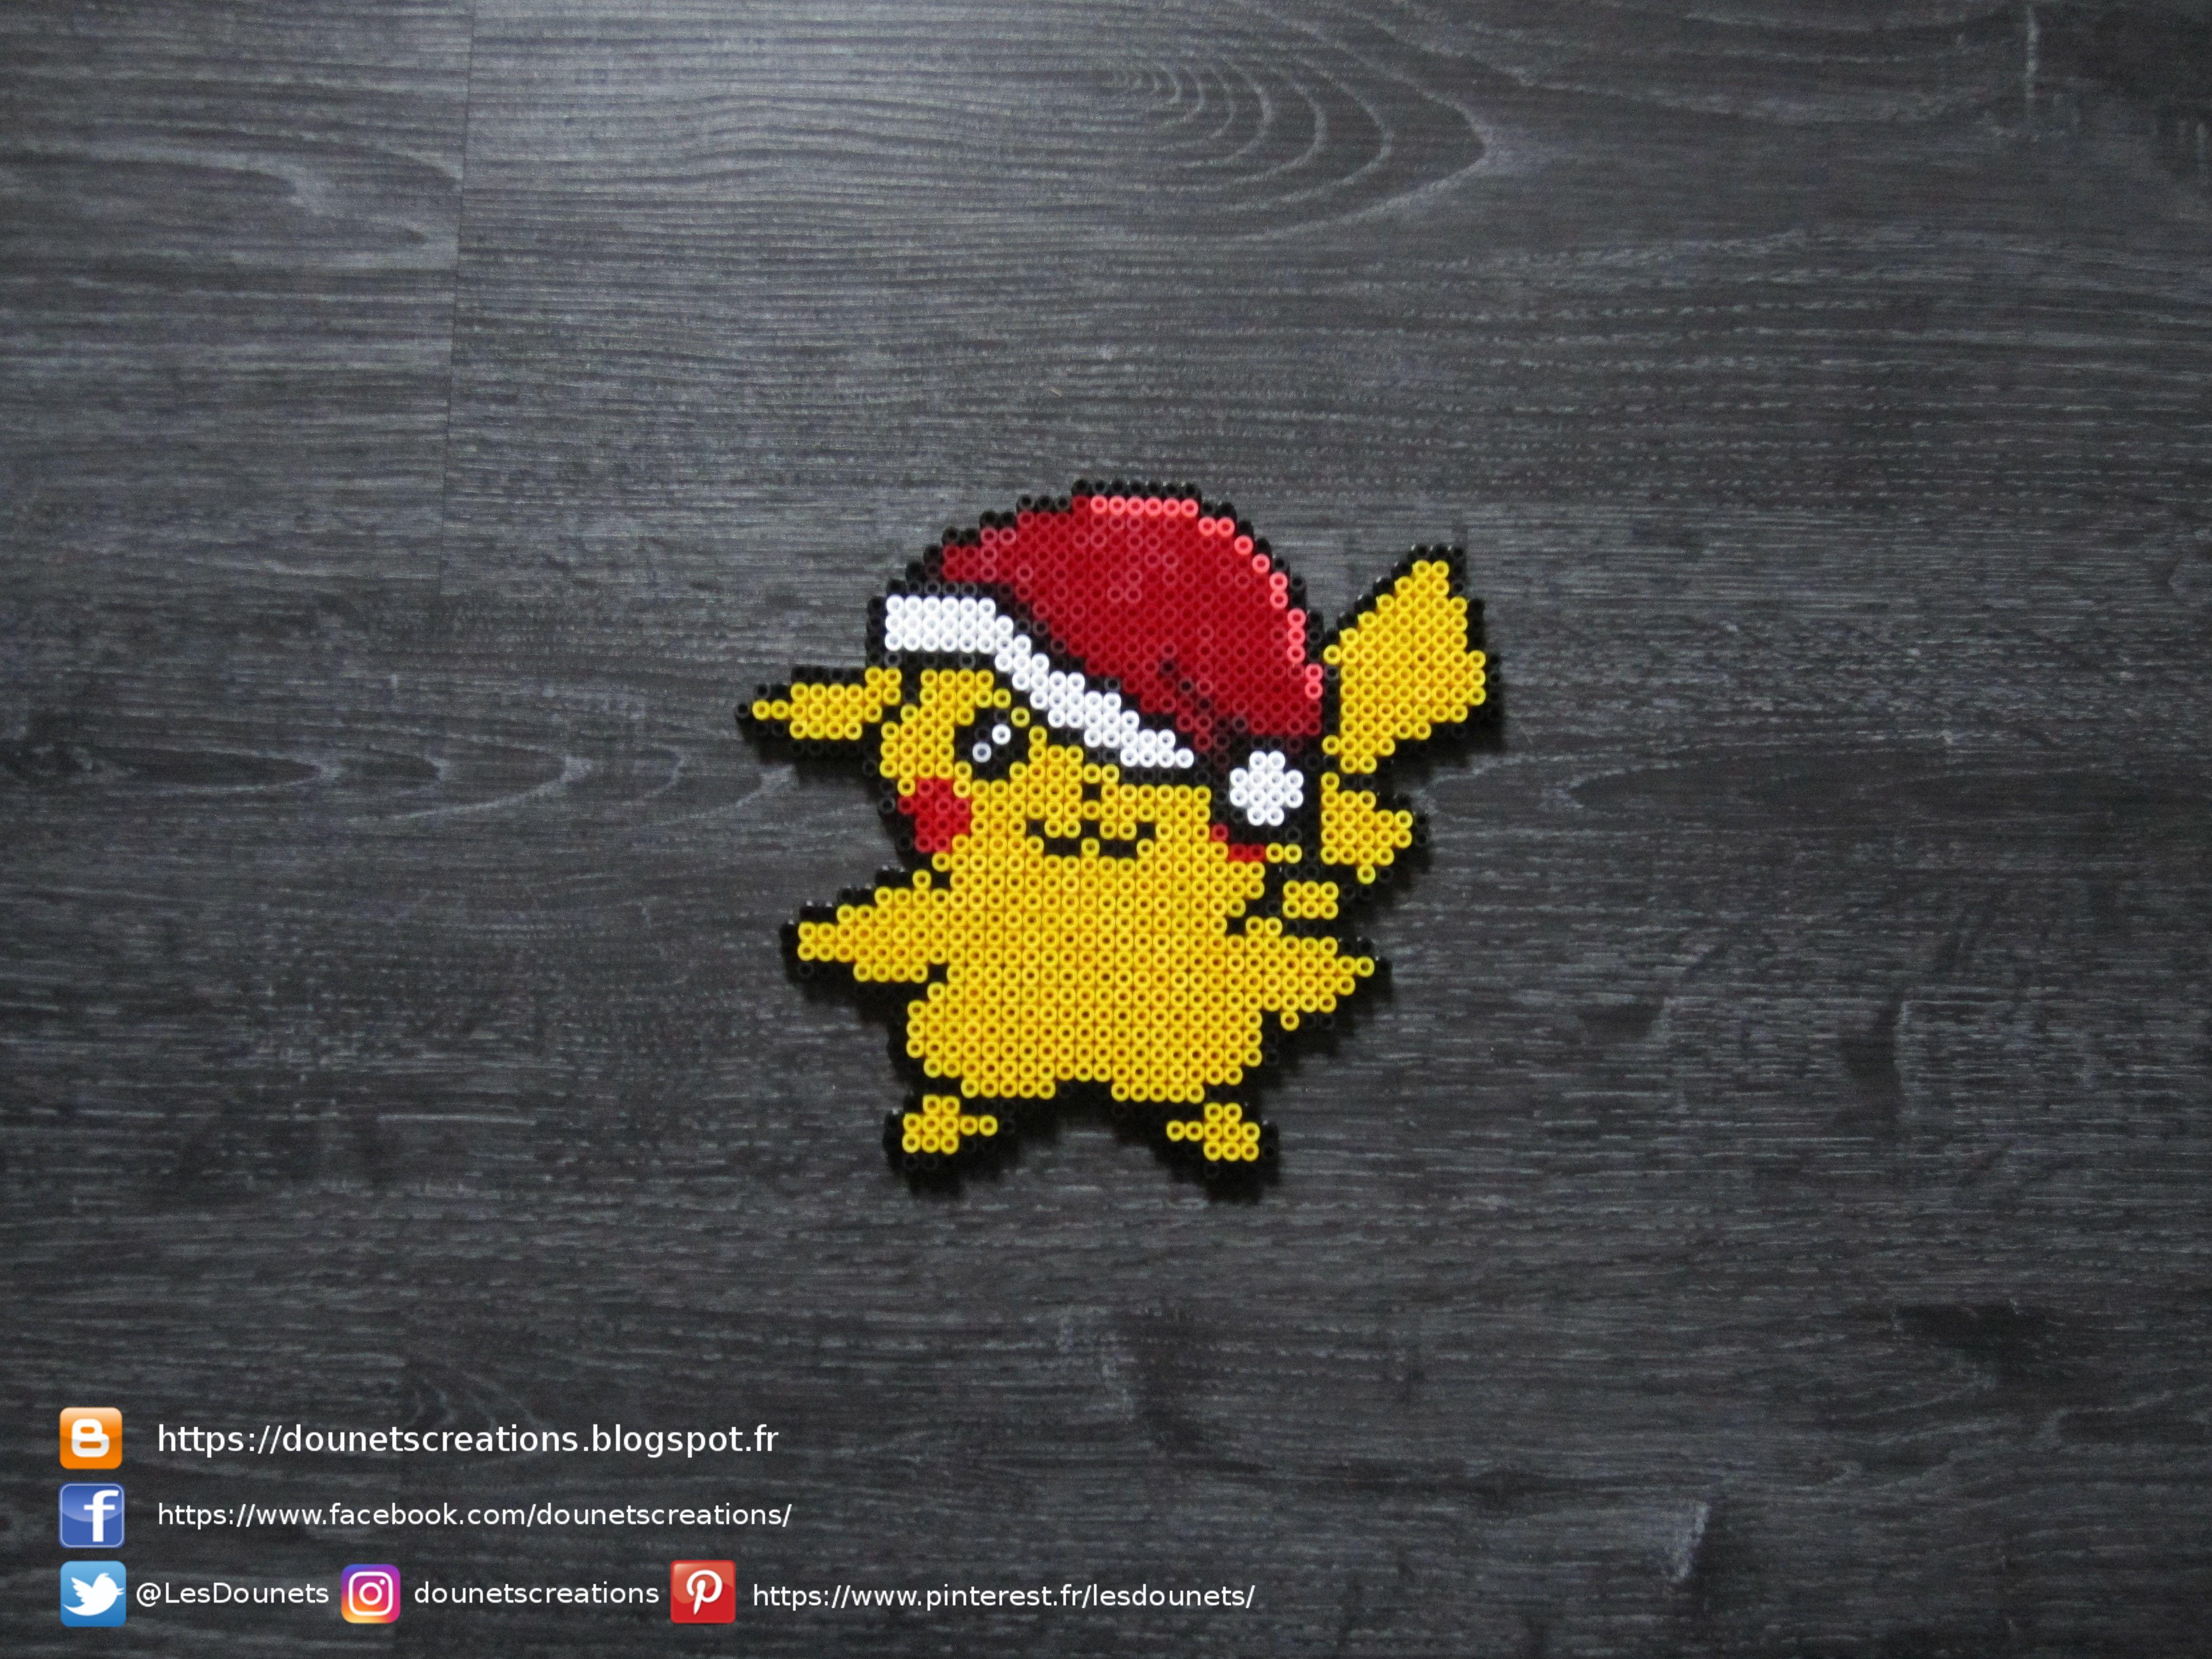 Pokemon Pikachu De Noel Perles Hama Pokemon Christmas Pikachu Perler Beads Perles Hama Perles Hama Noel Pokemon Perle